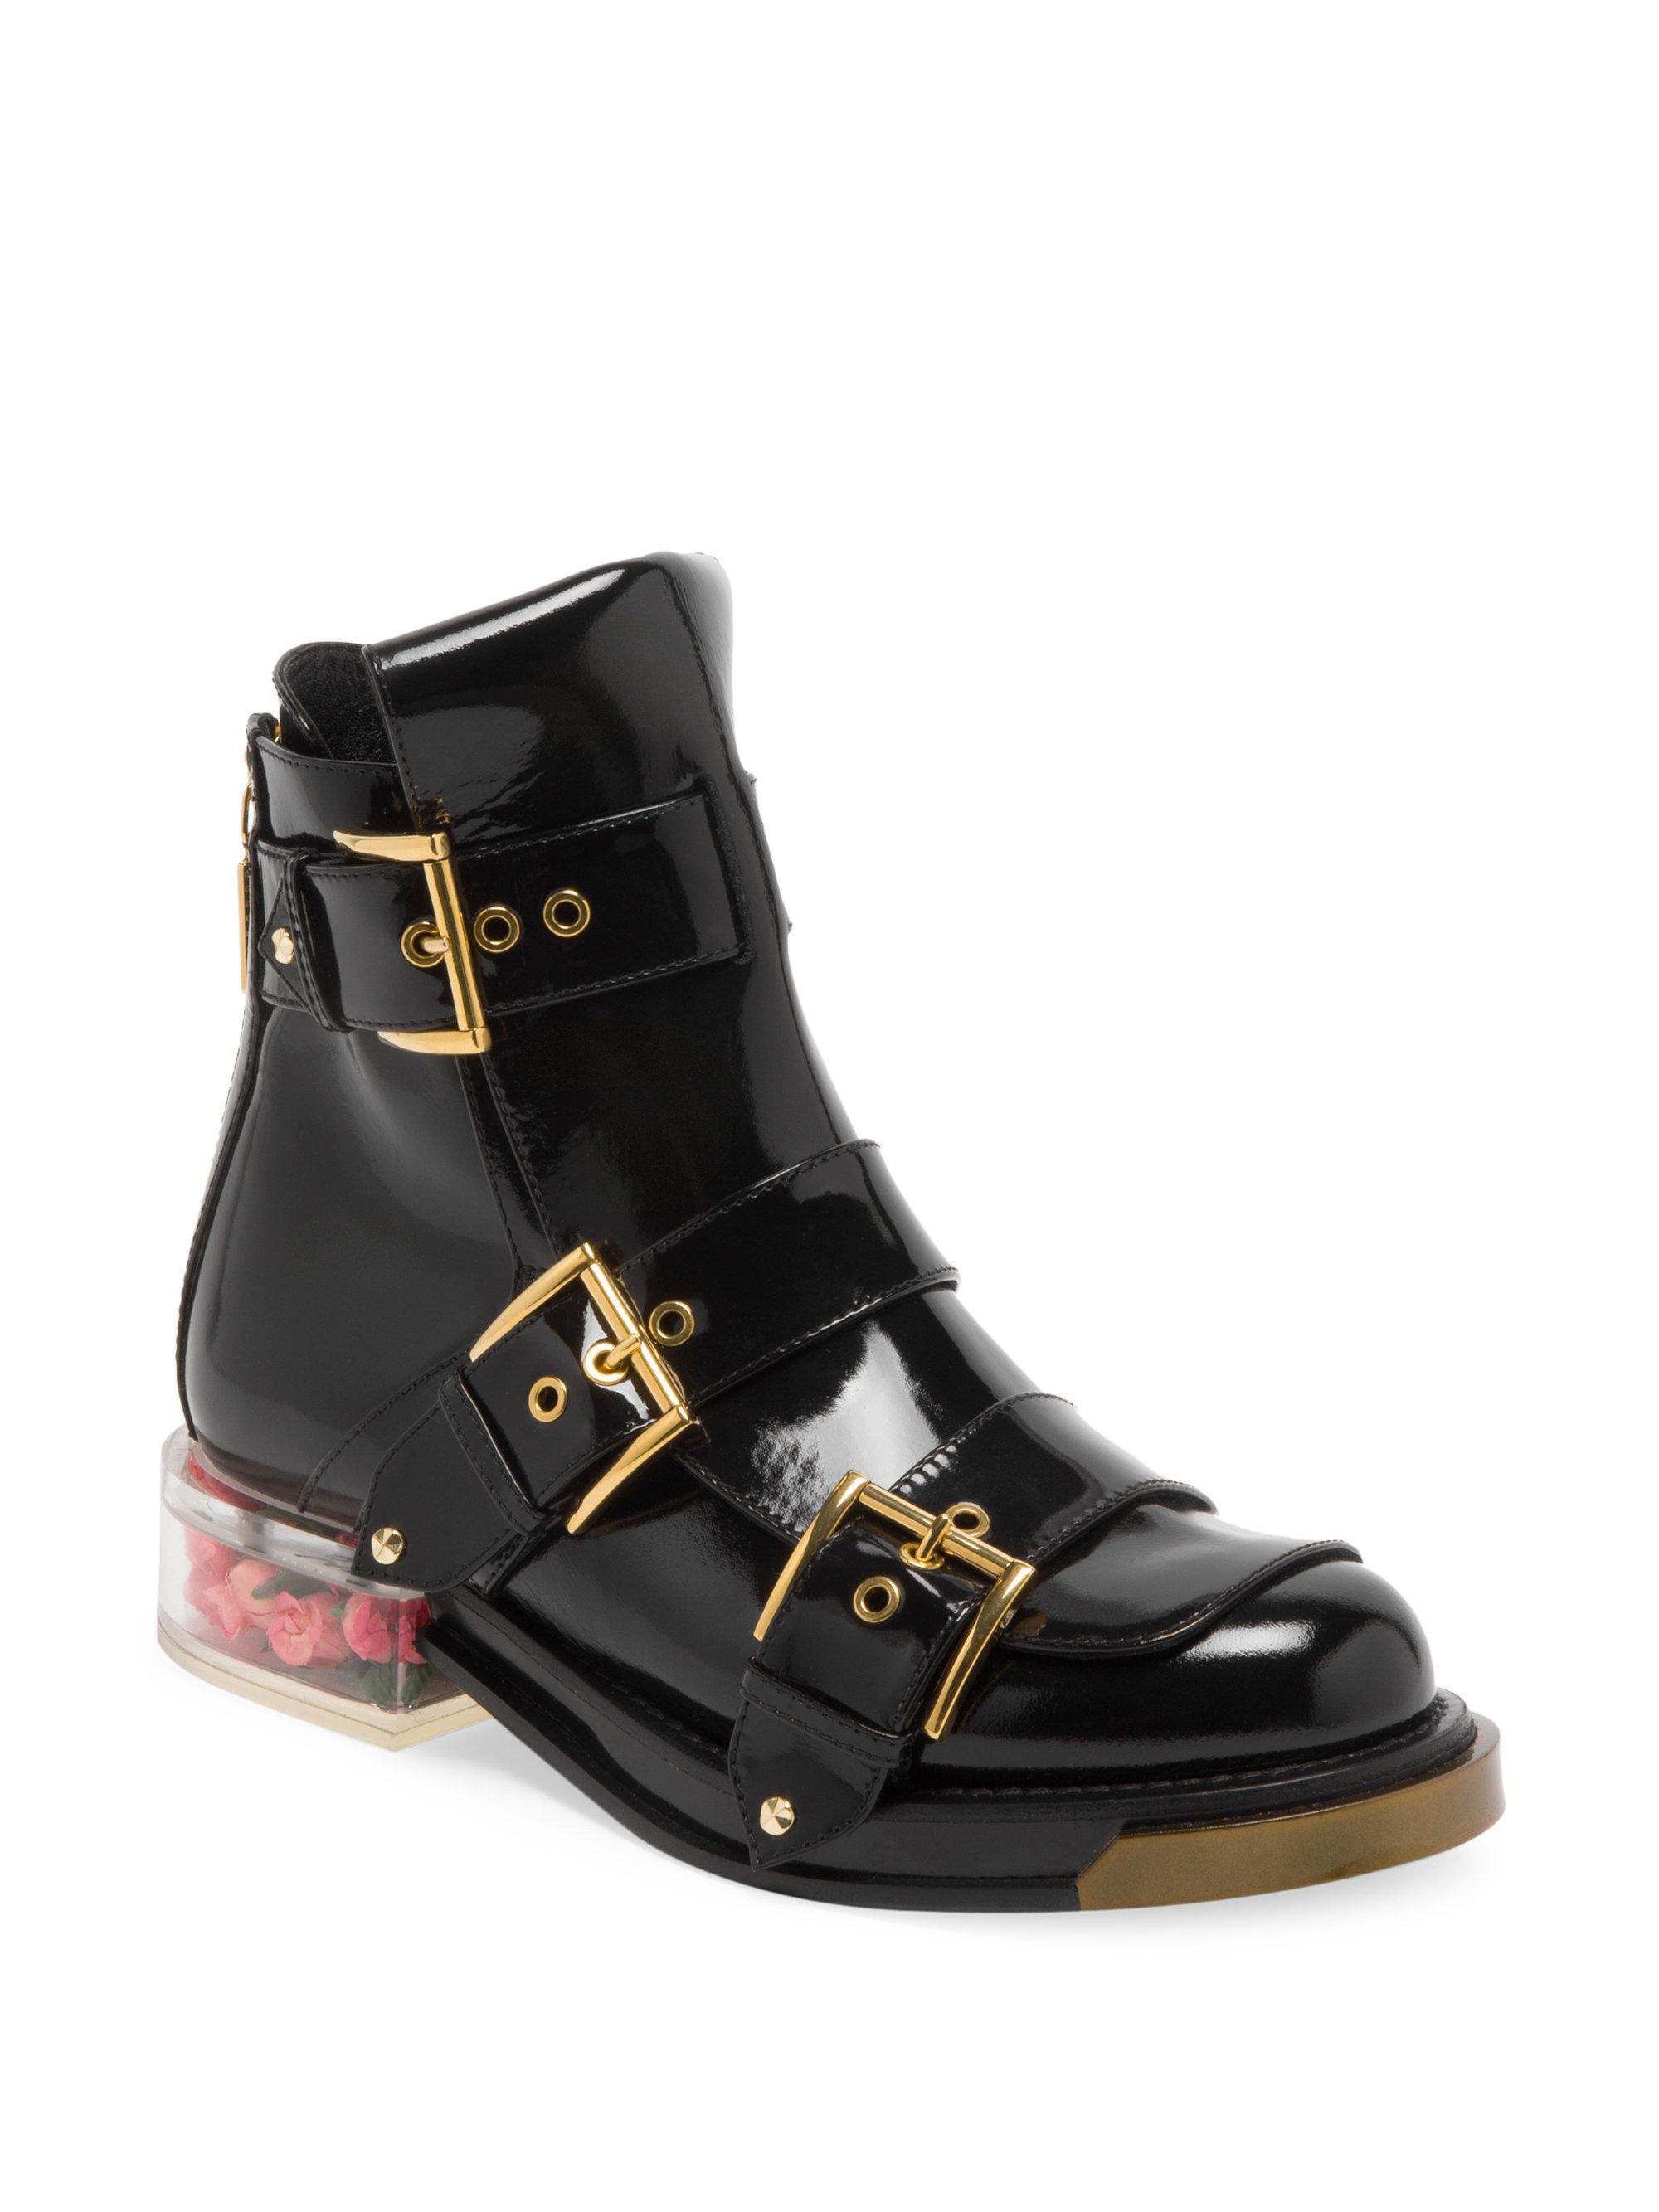 Alexander McQueen Rose Bud Heel Patent Leather Boots Black Block heel jbd 95704